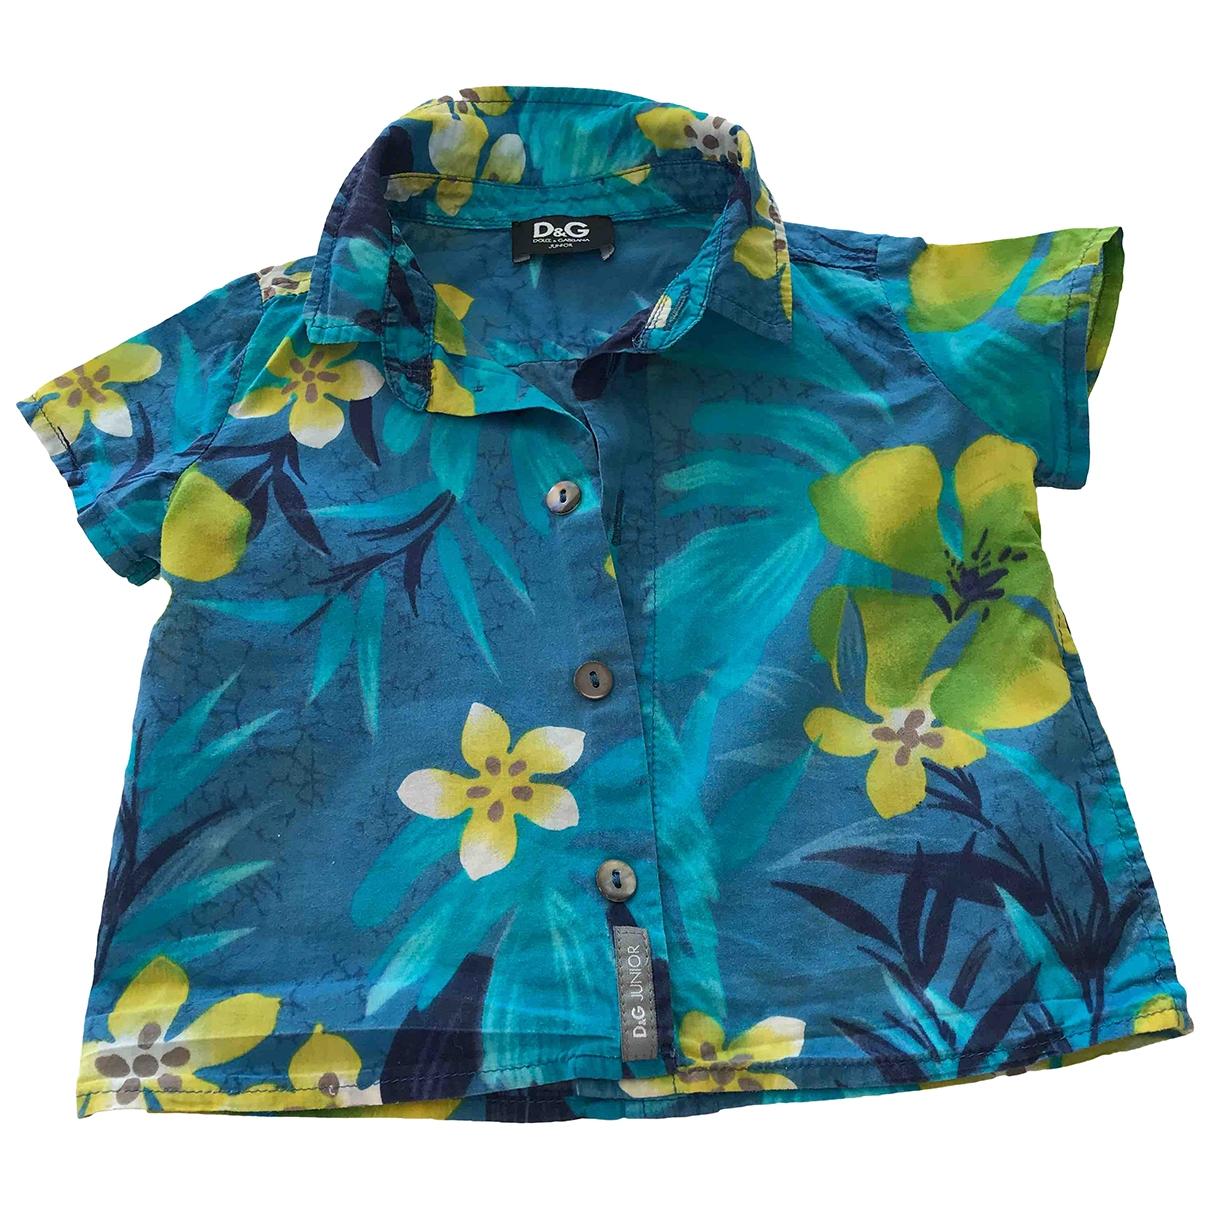 D&g - Top   pour enfant en coton - bleu